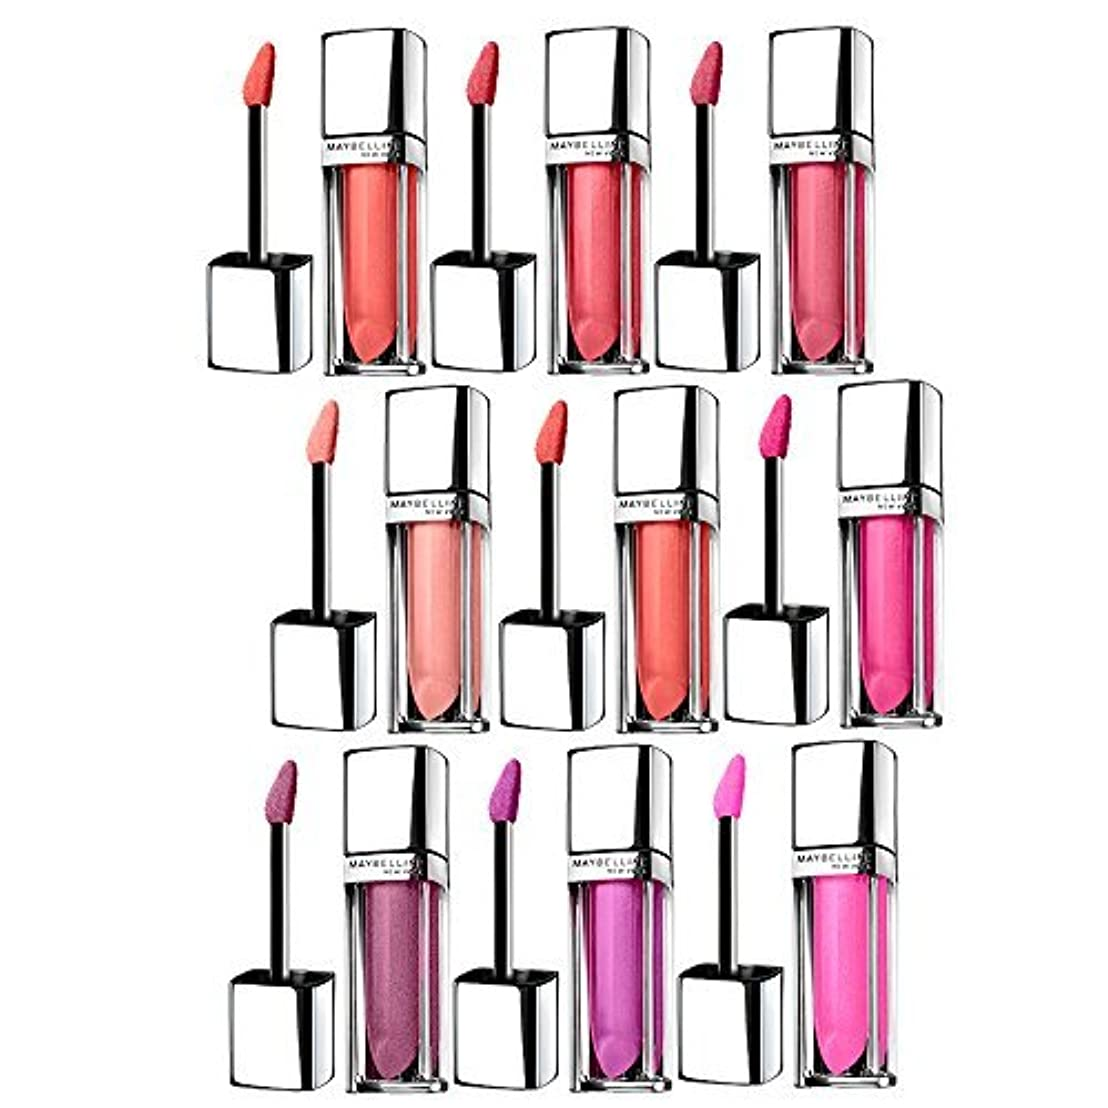 のぞき見面ひねりMaybelline New York Color Sensational Color Elixir Set 9-Piece Lip Color Collection by Beauty Brags